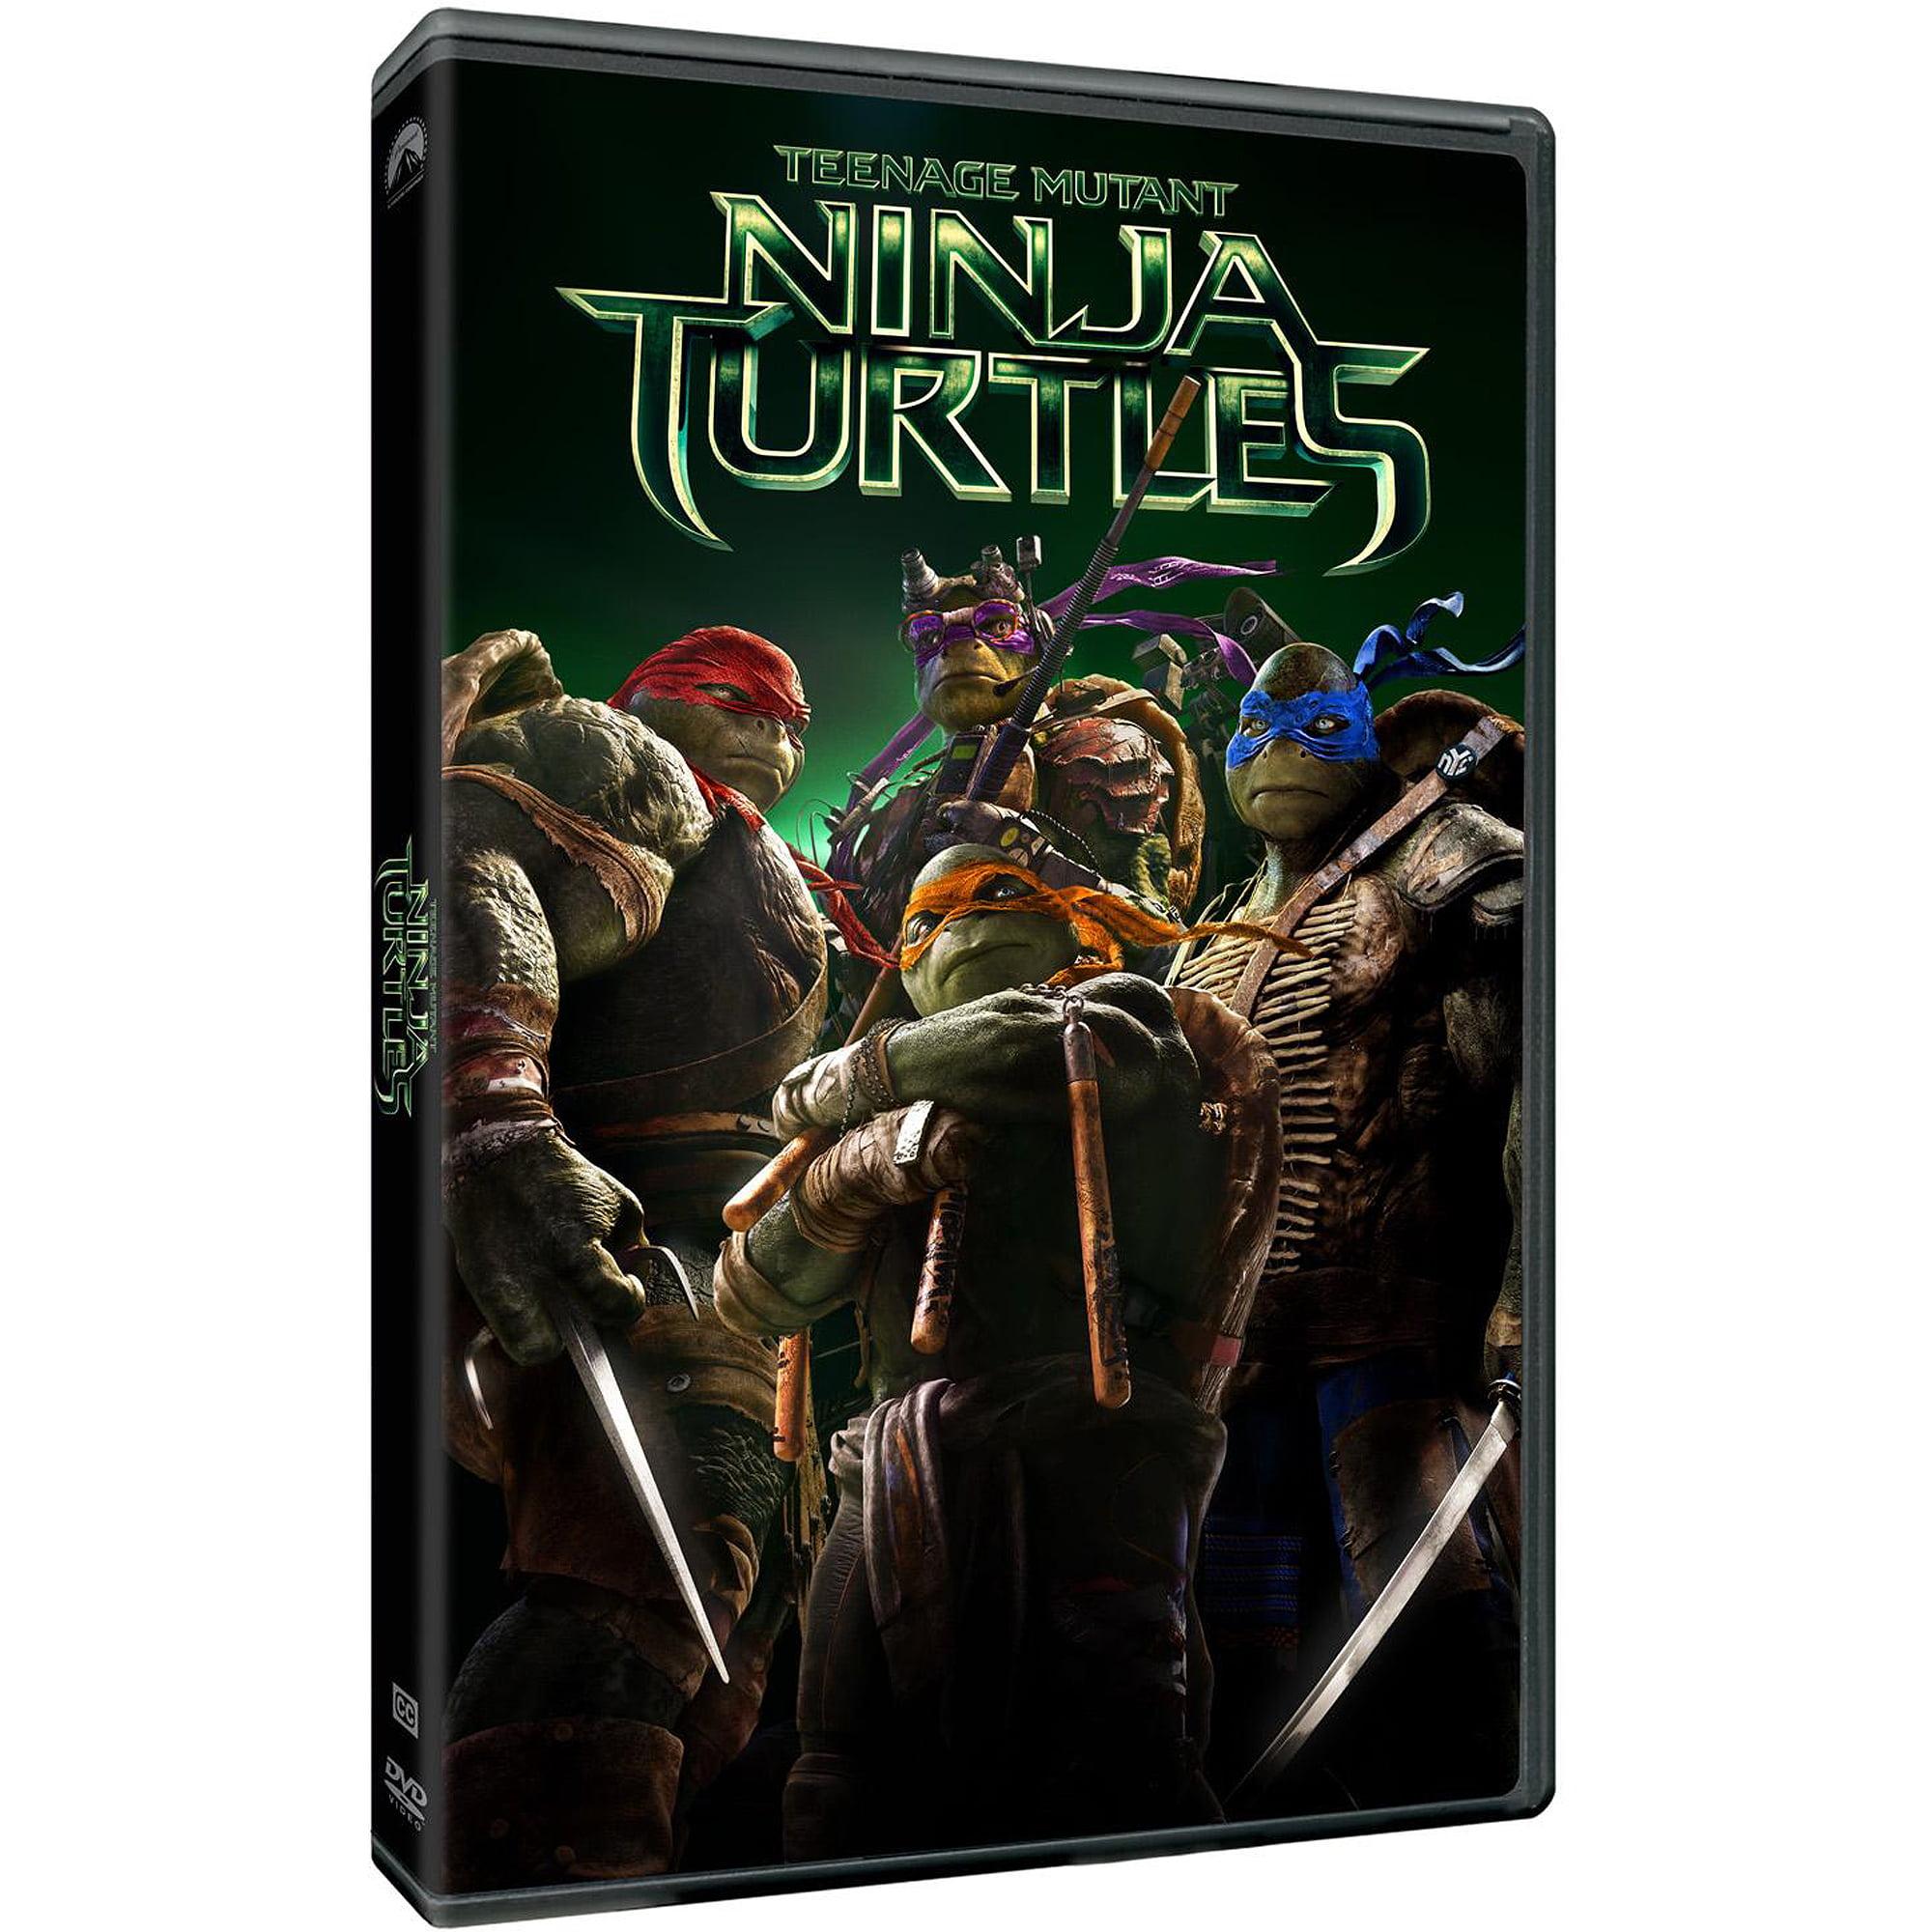 teenage mutant ninja turtles 2014 dvd digital hd with